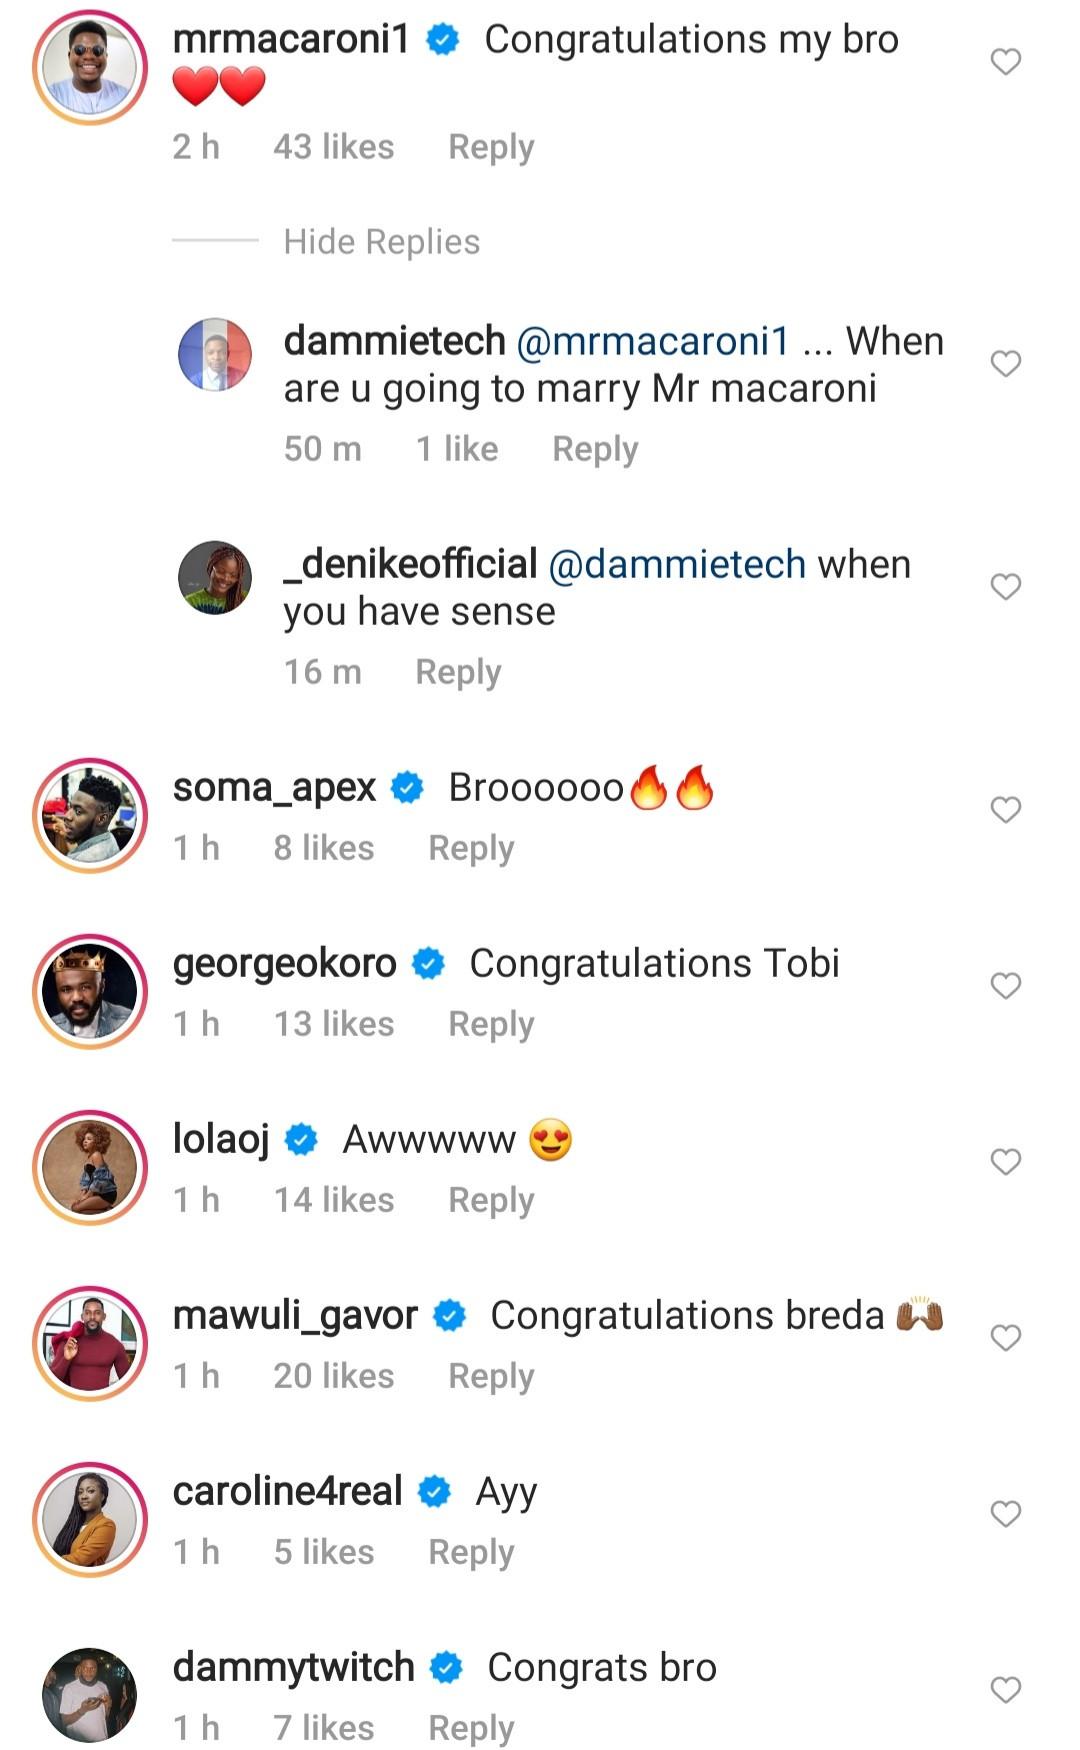 Congratulatory messages pour in as Tobi Bakre shares prewedding photo